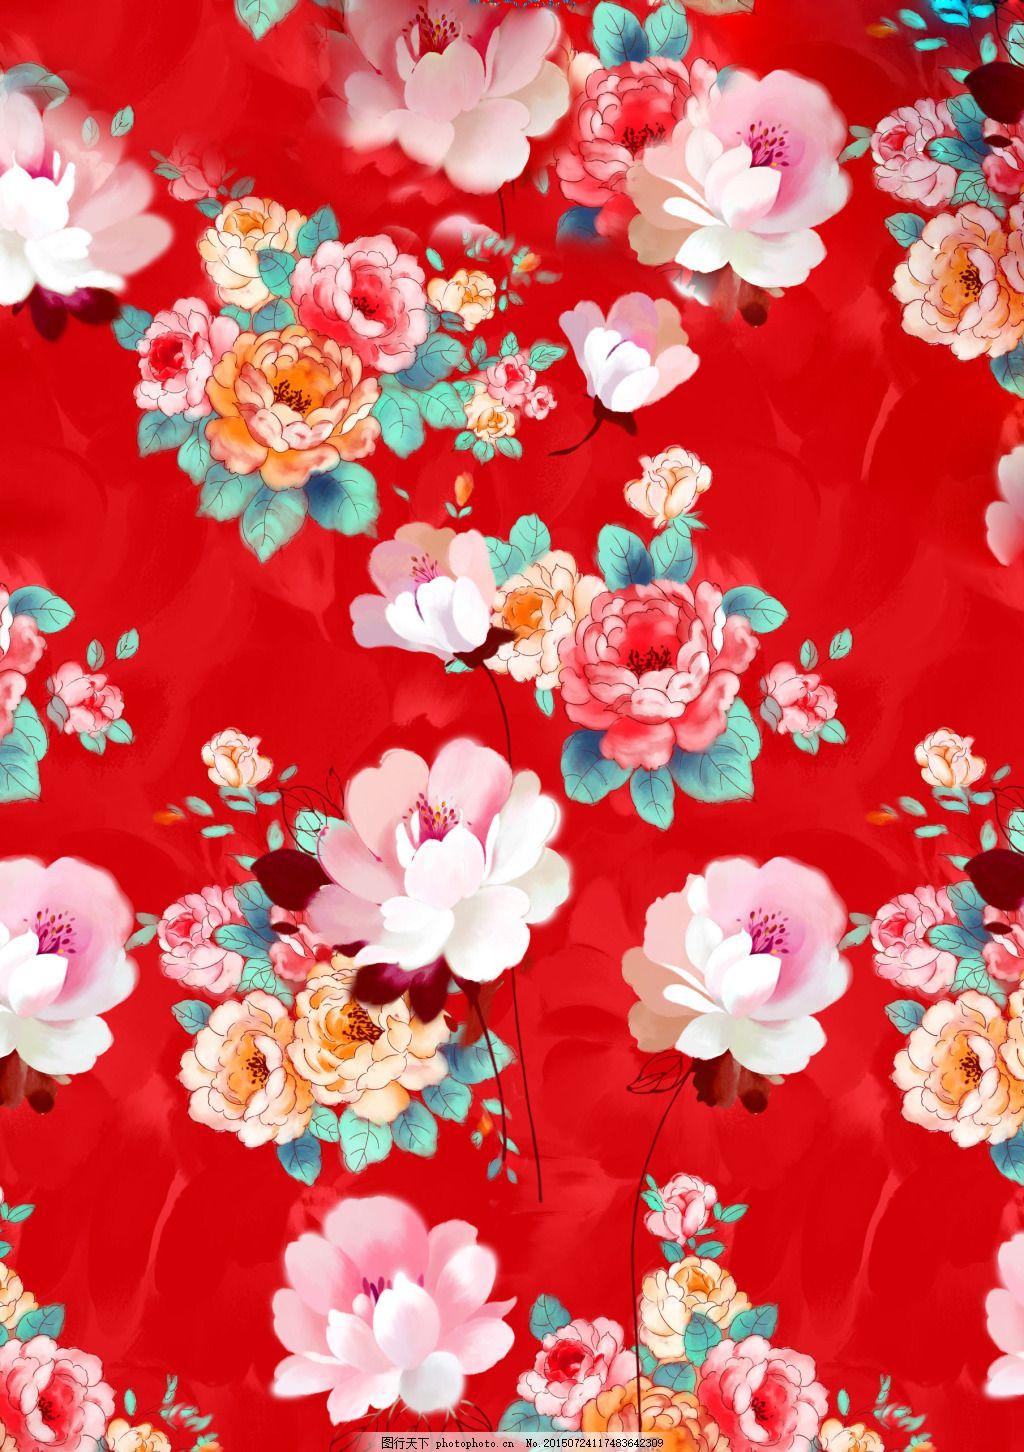 牡丹花手绘 装饰画 花卉背景 花卉 手绘花 水墨画 牡丹花     红色